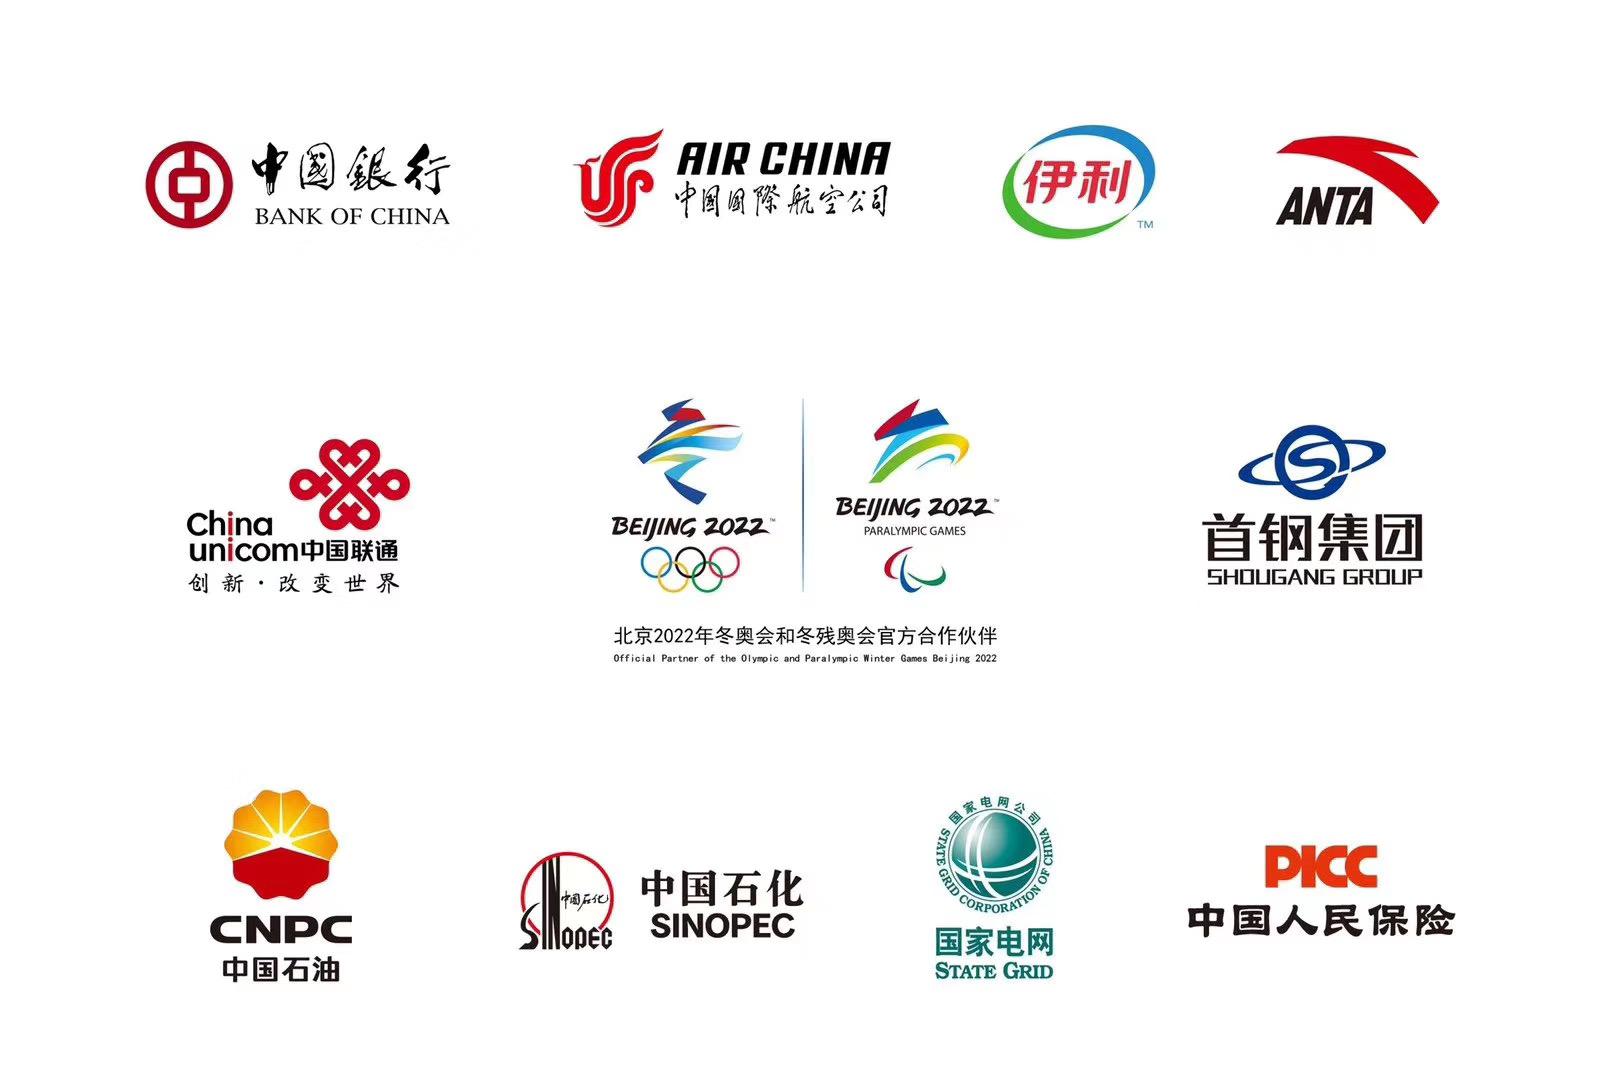 中国人民保险签约北京冬奥会和残奥会,成第10家官方合作伙伴